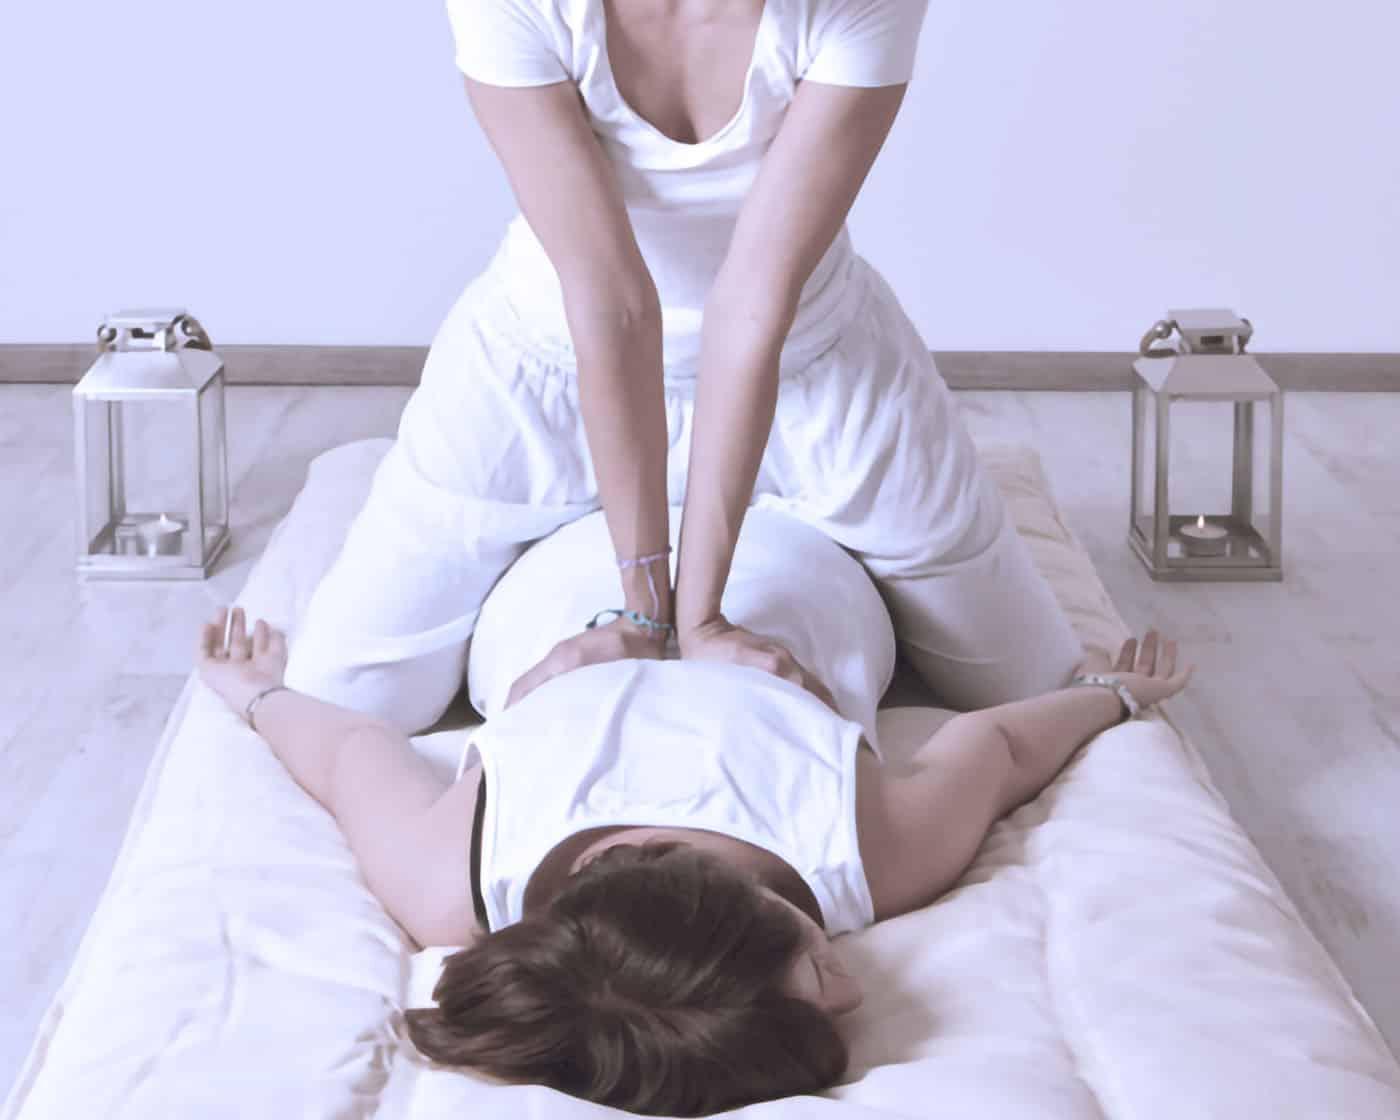 studio-hara-reggio-emilia-massaggio-thailandese-h